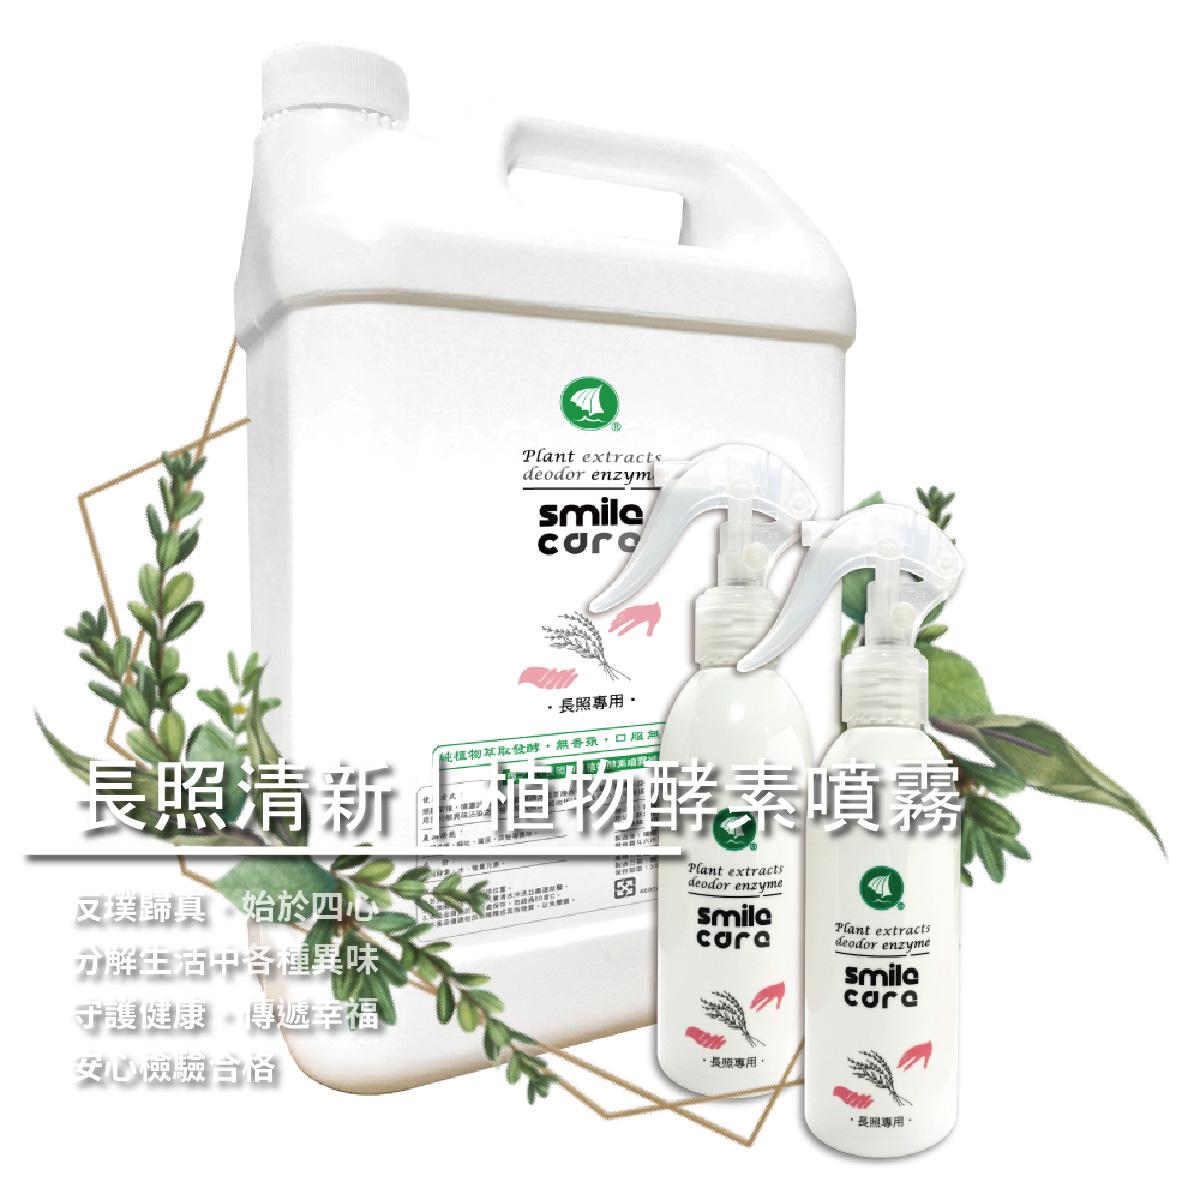 【璞之味植物酵素噴霧】補充組|長照清新|植物酵素噴霧(4000ml/桶+空噴瓶/2支)★獨家販售★